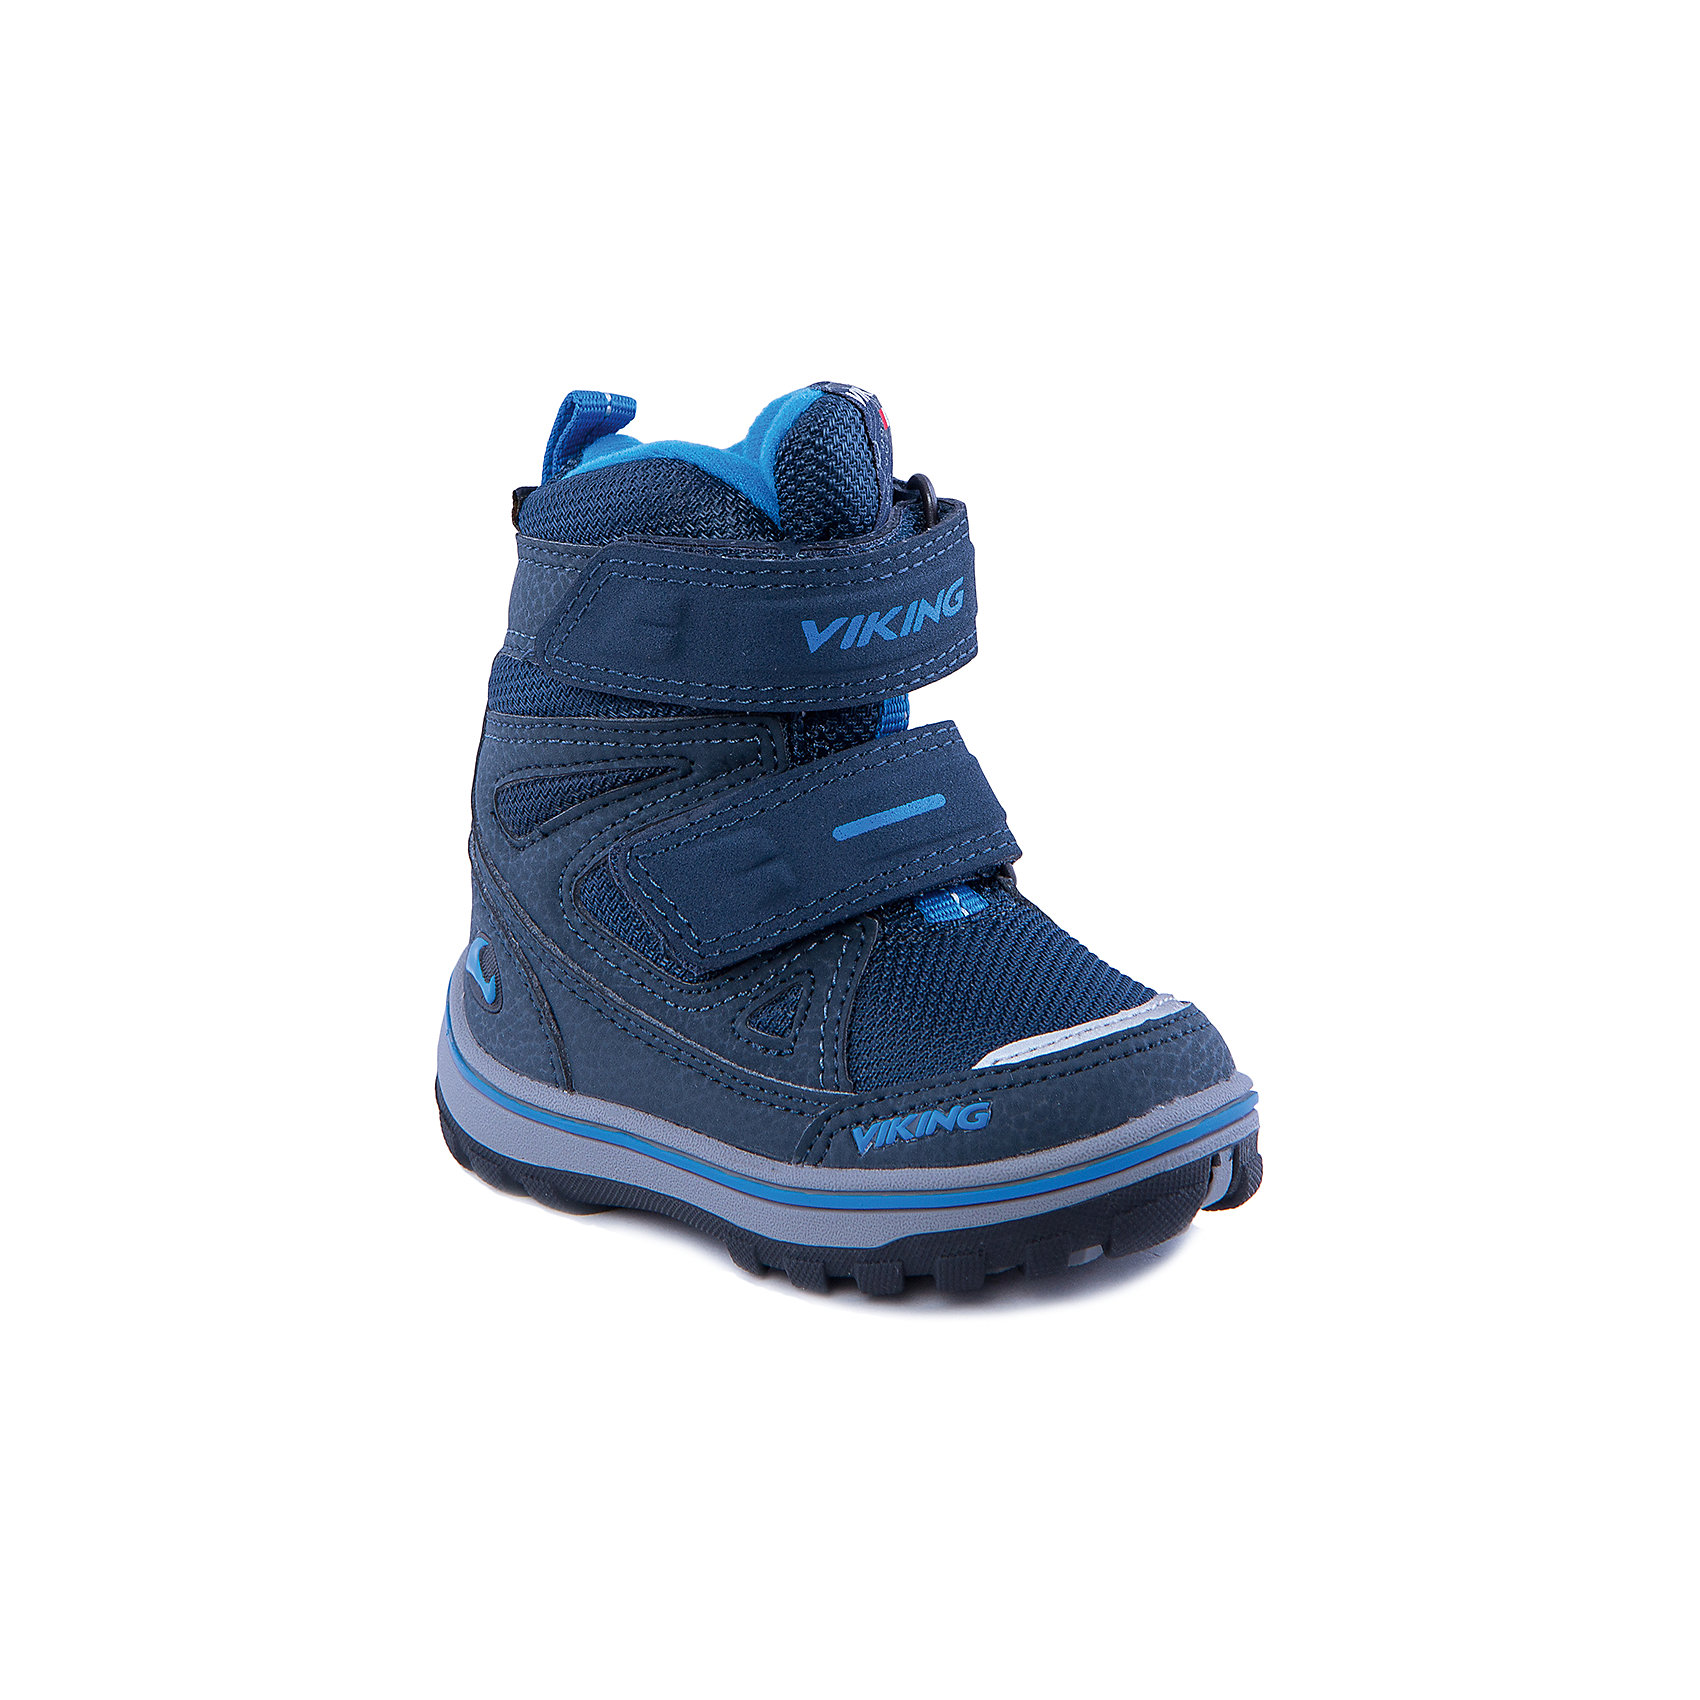 Ботинки для мальчика VIKINGБотинки для мальчика от популярной марки VIKING <br><br>Теплые и удобные зимние ботинки сделаны по уникальной технологии. <br>Производитель обуви VIKING разработал специальную  высокотехнологичную мембрану GORE-TEX. Она добавляется в подкладку обуви и позволяют ногам оставаться сухими и теплыми. Мембрана активно отводит влагу наружу, и не дает жидкости проникать внутрь. Мембрана GORE-TEX не создает препятствий для воздуха, обеспечивая комфортные условия для детских ножек.<br><br>Отличительные особенности модели:<br><br>- цвет: синий;<br>- гибкая нескользящая подошва;<br>- утепленная стелька;<br>- небольшой вес;<br>- усиленный носок и задник;<br>- эргономичная форма;<br>- мембрана GORE-TEX;<br>- специальная колодка для поддержания правильного положения стопы;<br>- соединенный с ботинком язычок, не дающий снегу попасть внутрь;<br>- удобный супинатор;<br>- застежки-липучки.<br><br>Дополнительная информация:<br><br>- Температурный режим: от - 30° С  до -0° С.<br><br>- Состав:<br><br>материал верха: синтетический материал, текстиль<br>материал подкладки: 80% шерсть, 20% полиэстер, мембрана GORE-TEX<br>подошва: резина<br><br>Ботинки для мальчика VIKING (Викинг) можно купить в нашем магазине.<br><br>Ширина мм: 262<br>Глубина мм: 176<br>Высота мм: 97<br>Вес г: 427<br>Цвет: синий<br>Возраст от месяцев: 24<br>Возраст до месяцев: 36<br>Пол: Мужской<br>Возраст: Детский<br>Размер: 26,20,23,29,28,24,22,21,27,25<br>SKU: 4279265